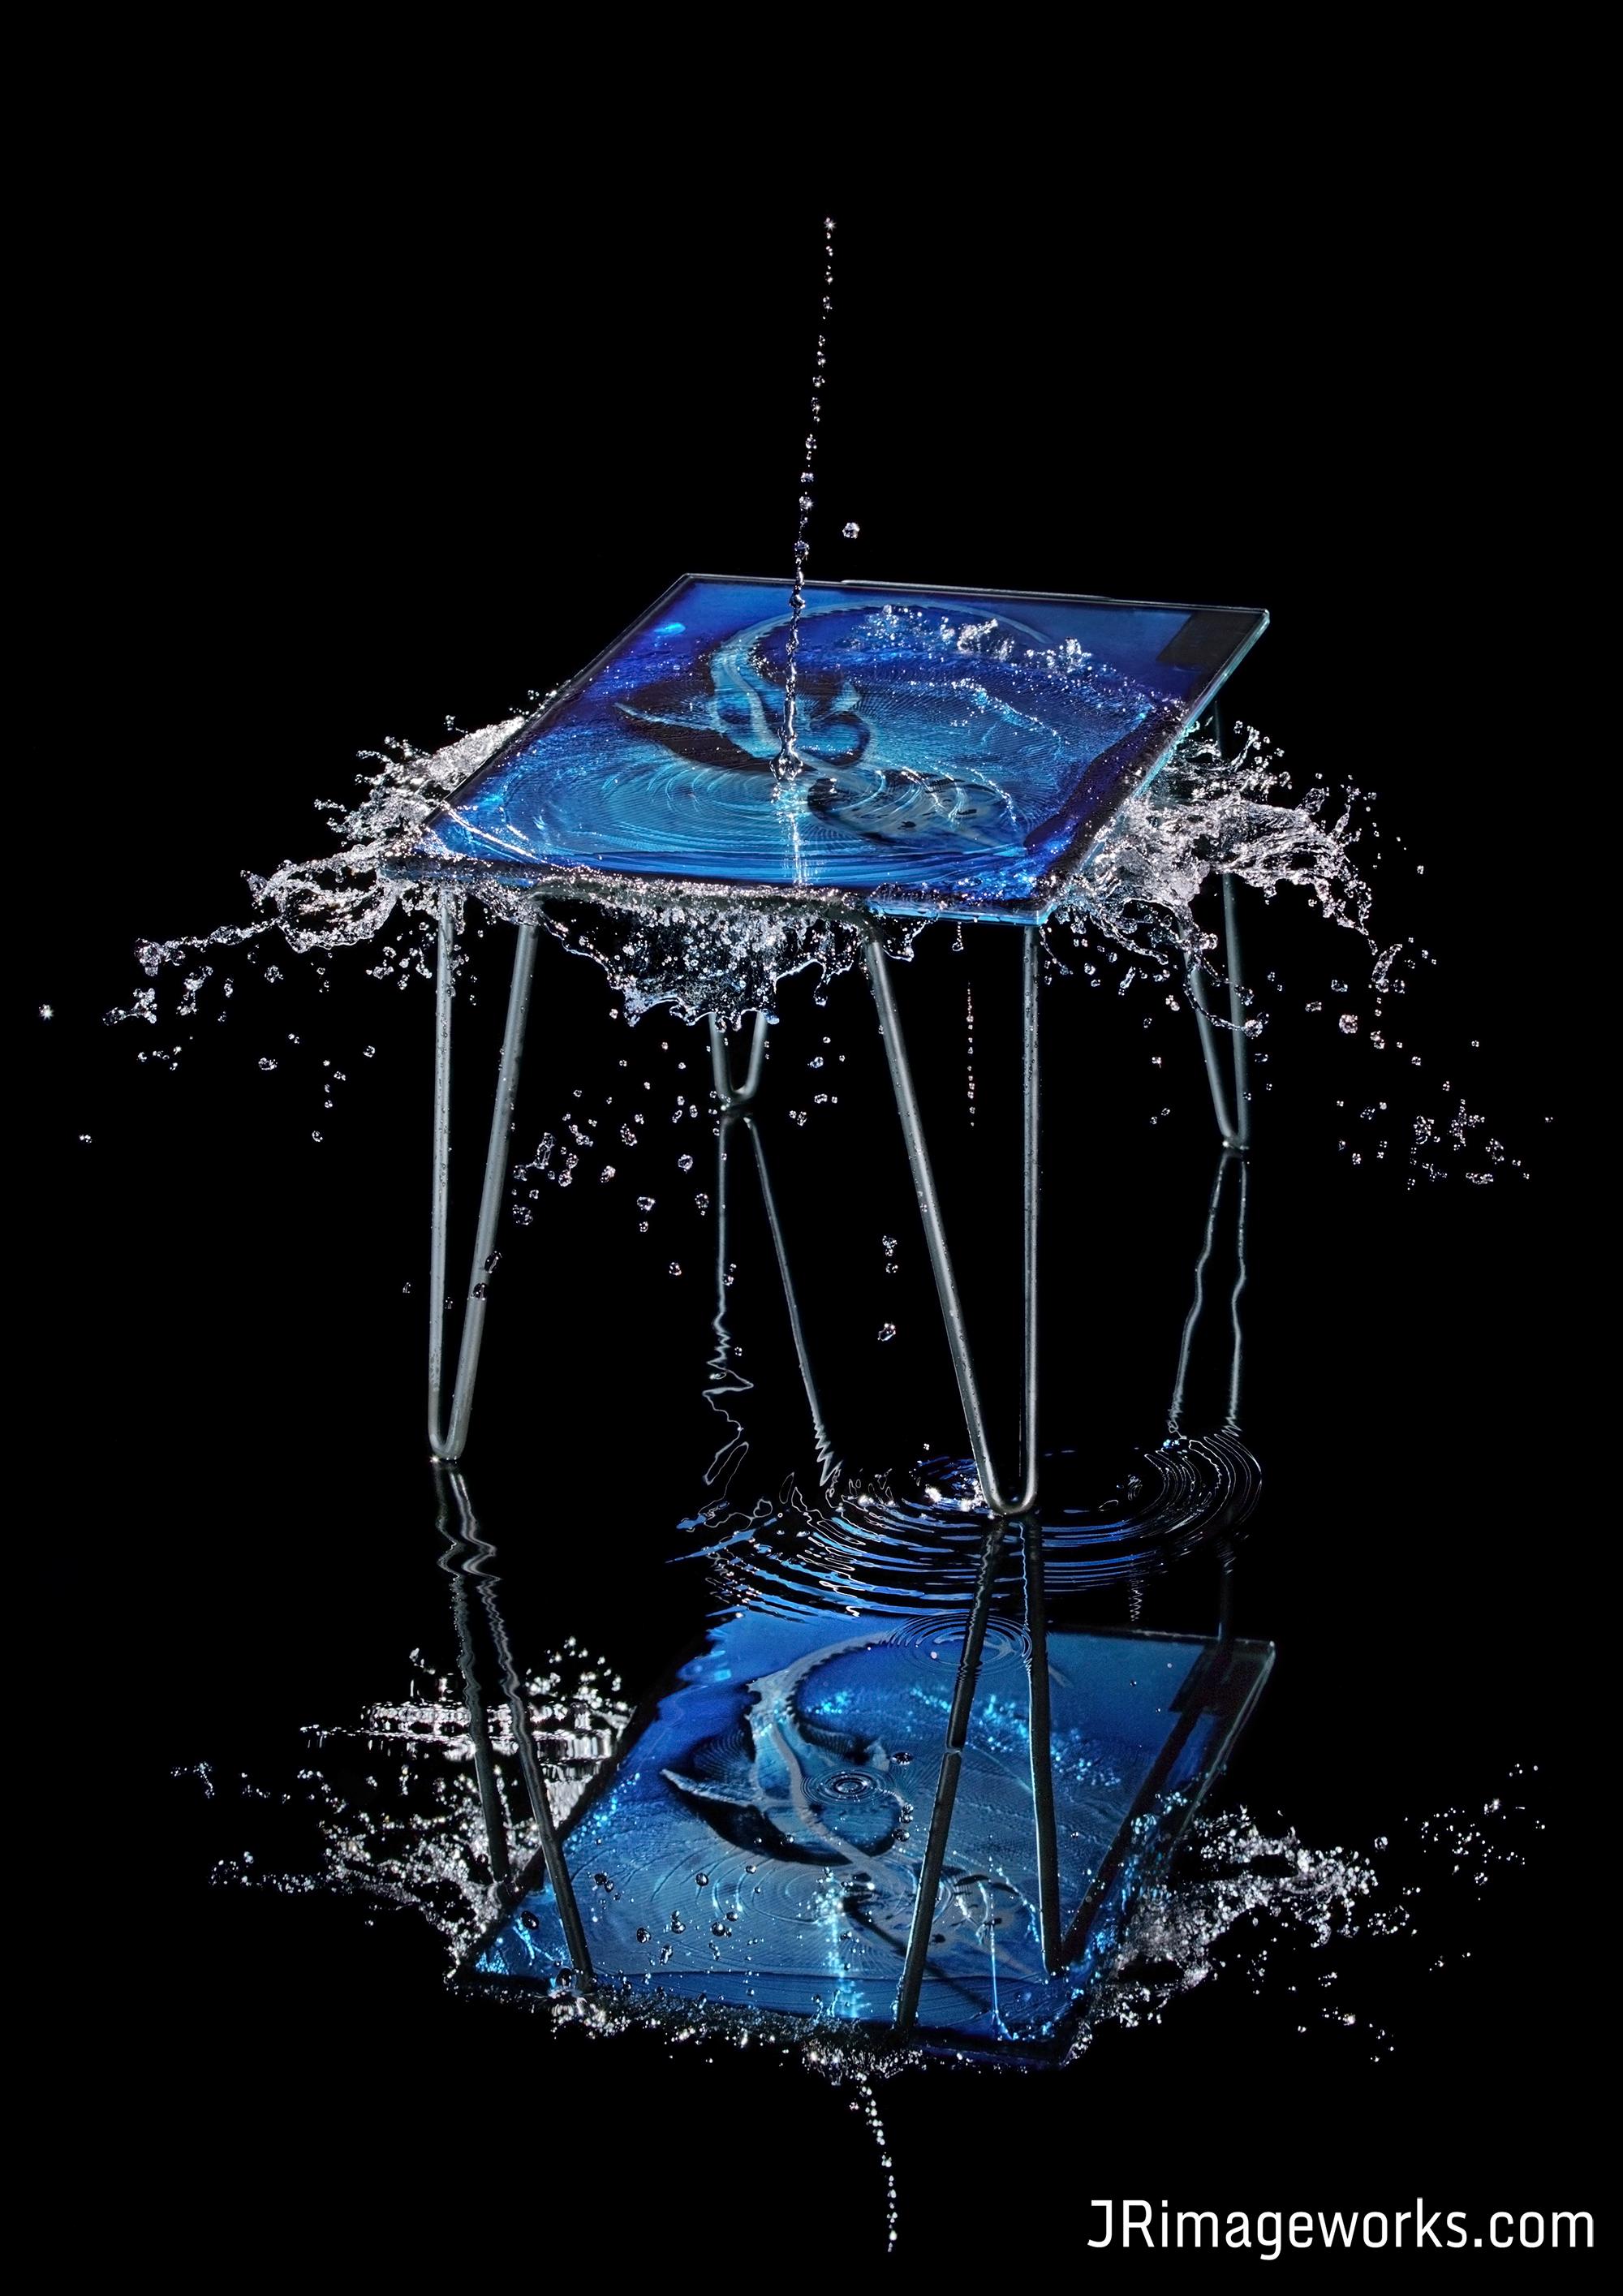 waterdeskcrop.jpg